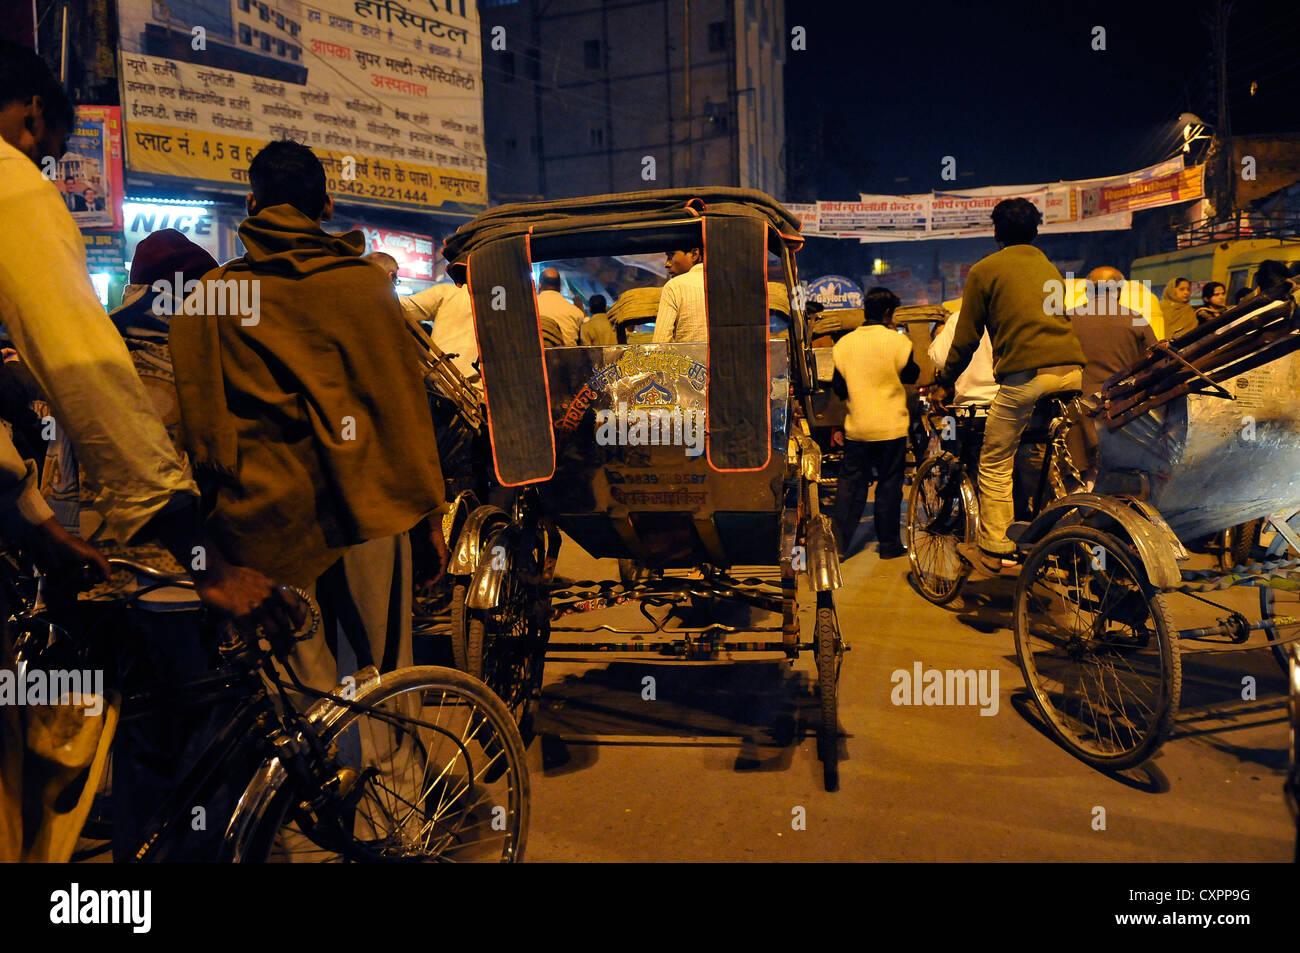 Asia India Uttar Pradesh Varanasi e mezzi di trasporto in un piccolo vicolo Immagini Stock